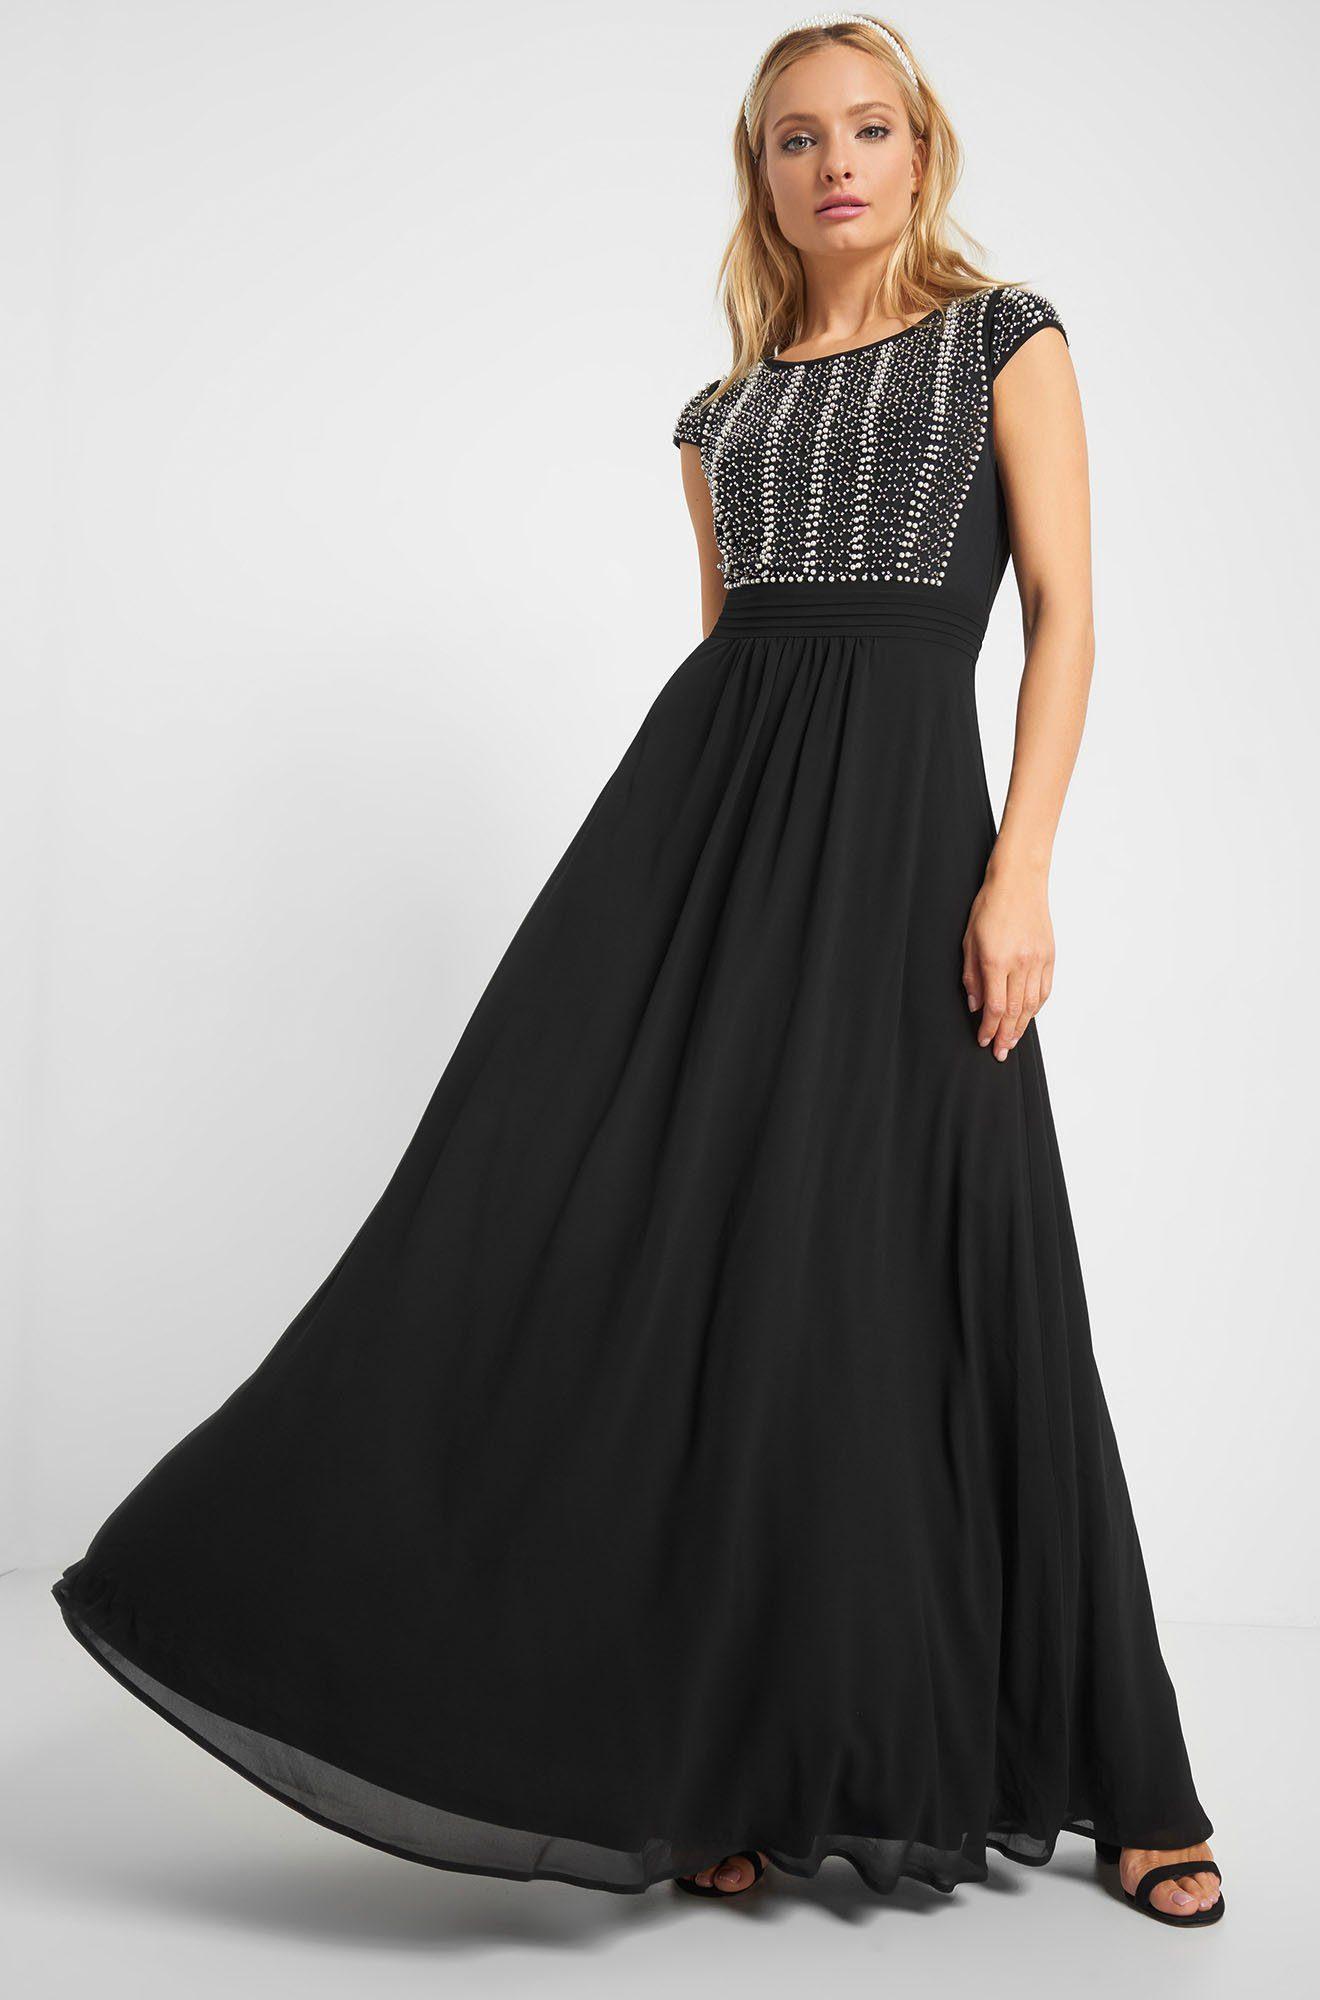 17 Einzigartig Orsay Abendkleid Boutique - Abendkleid